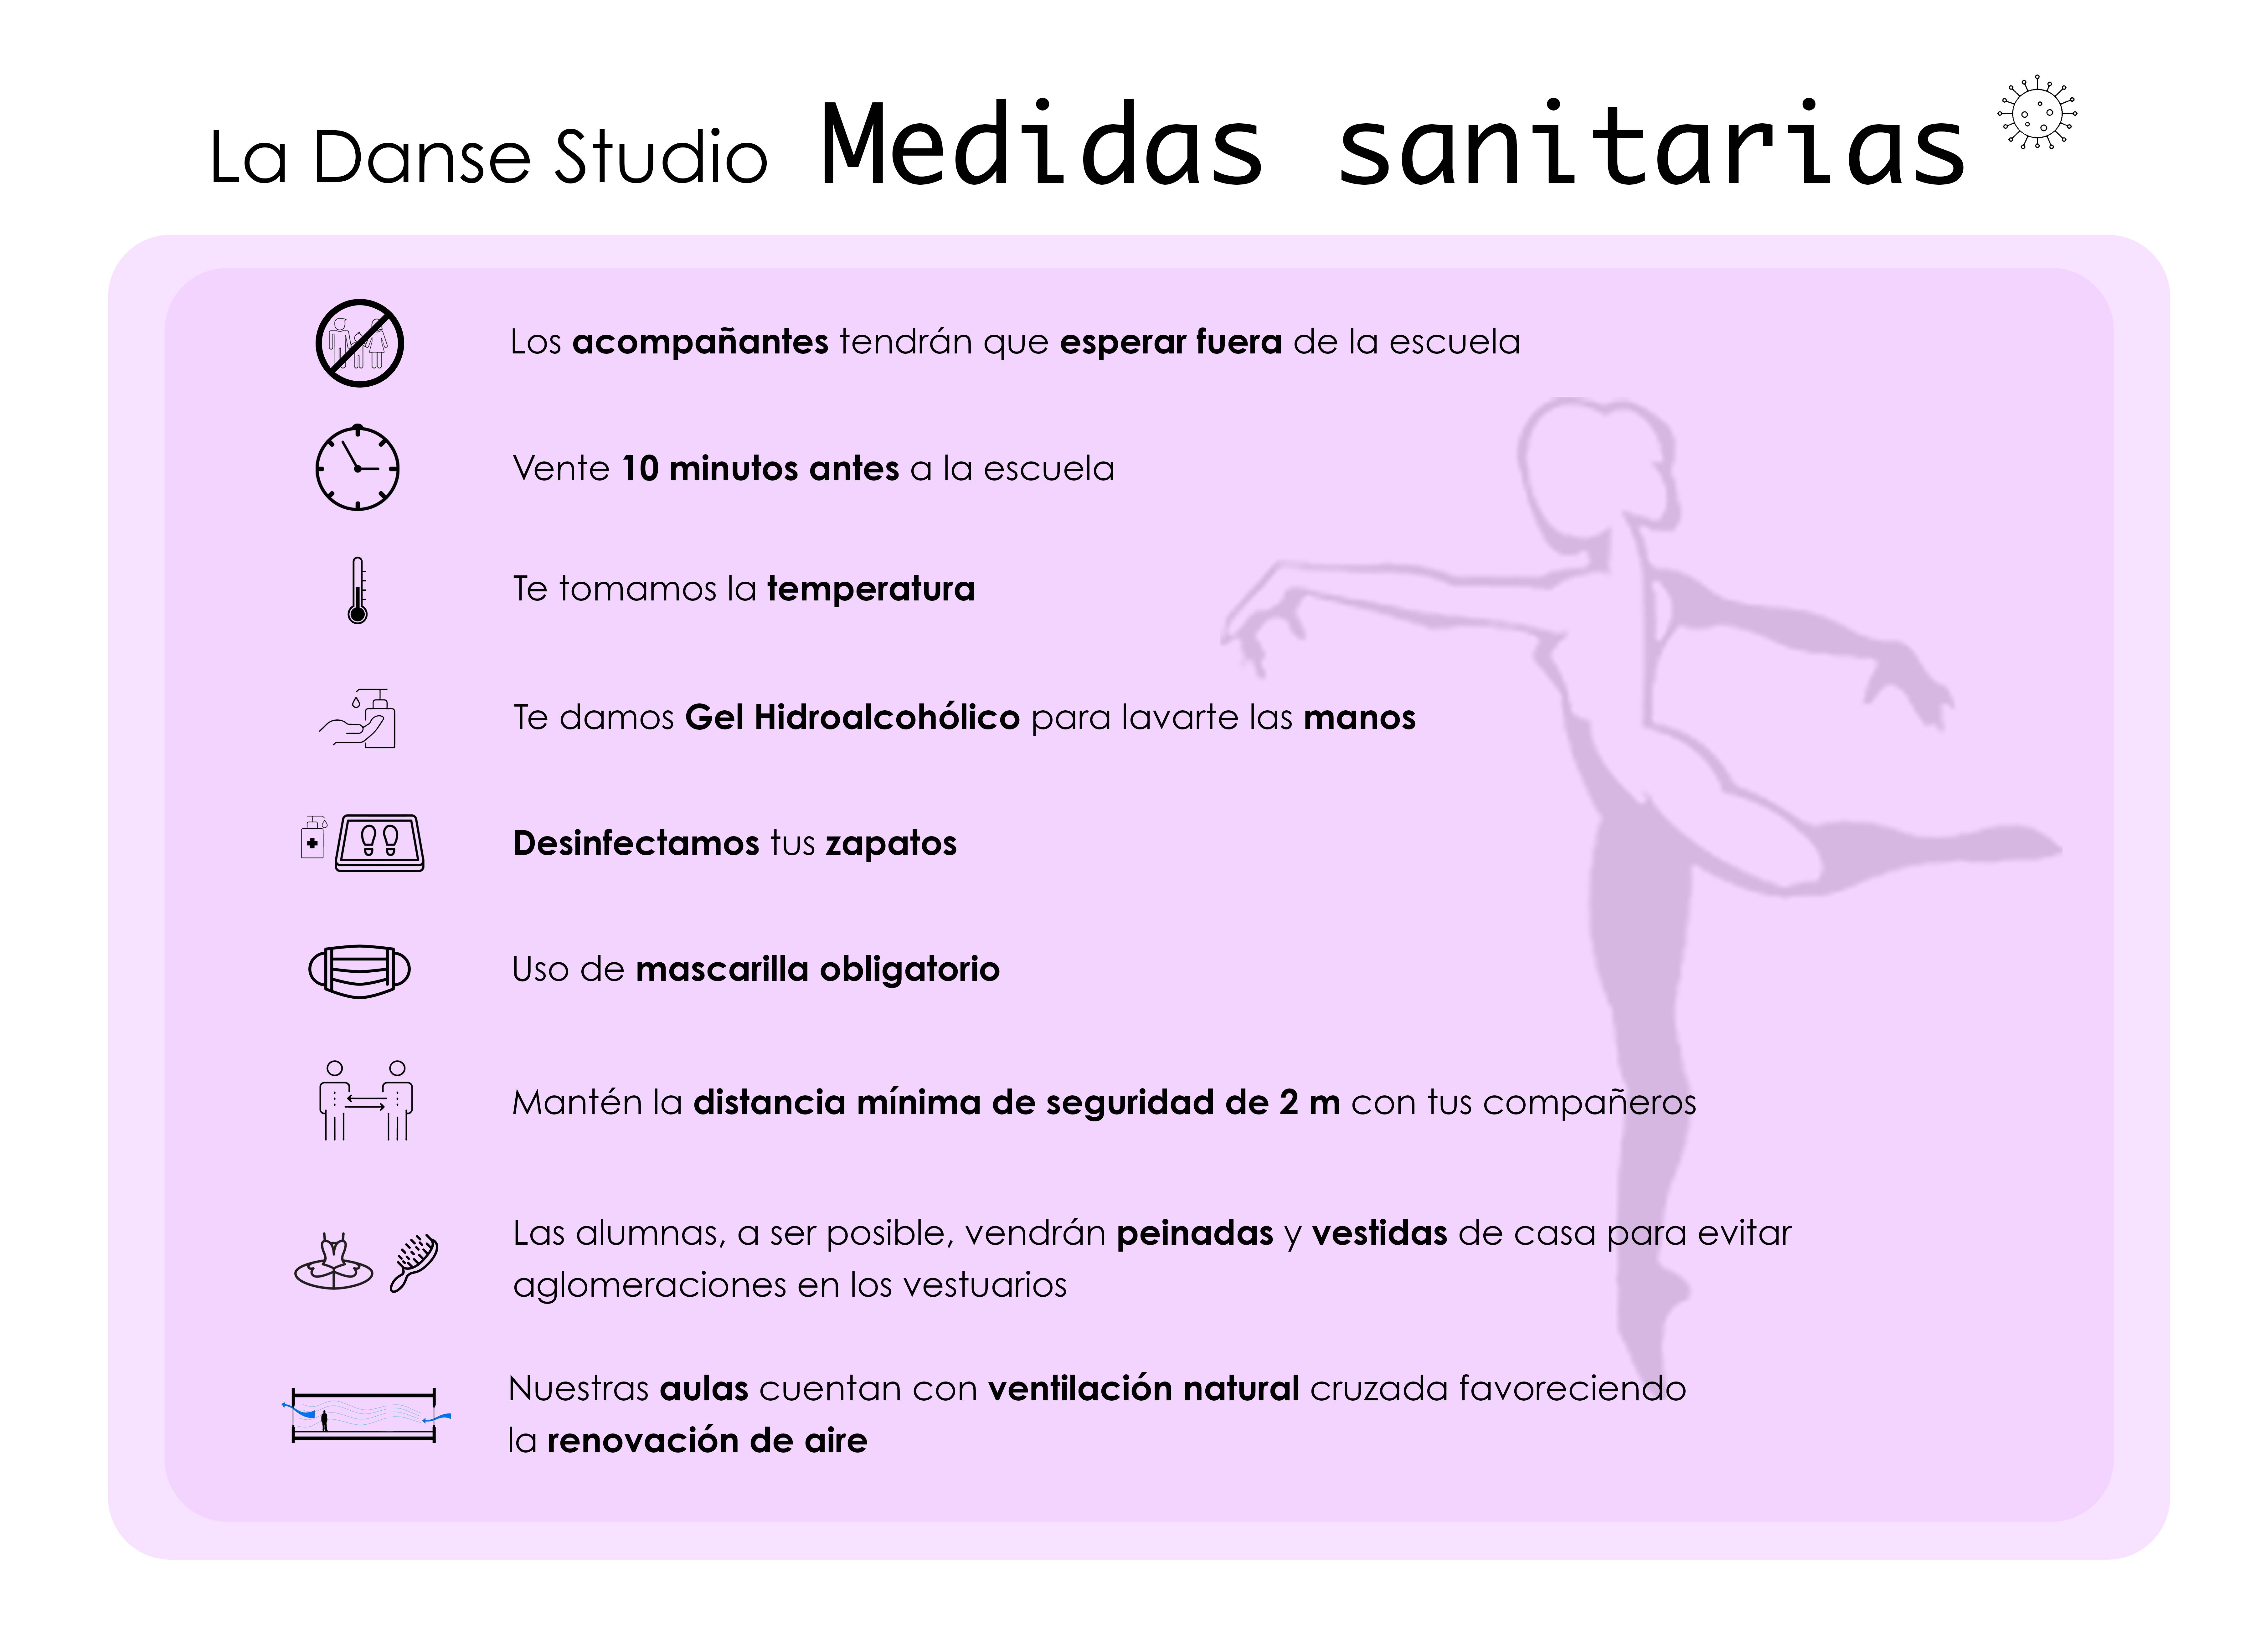 Medidas Sanitaria La Danse Studio